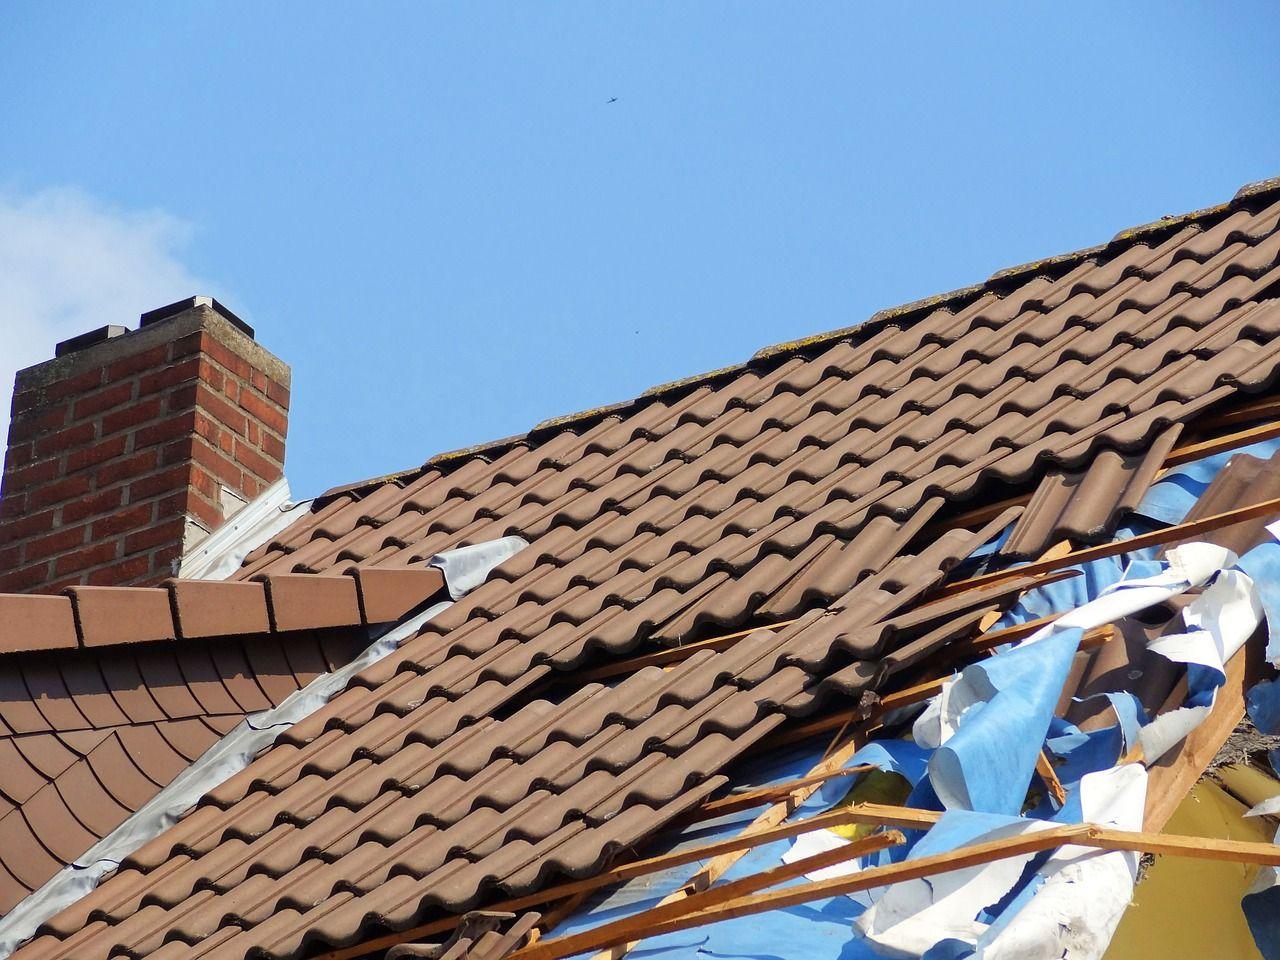 Bauleistungsversicherung - sichert den Bauherren beim Hausbau ab